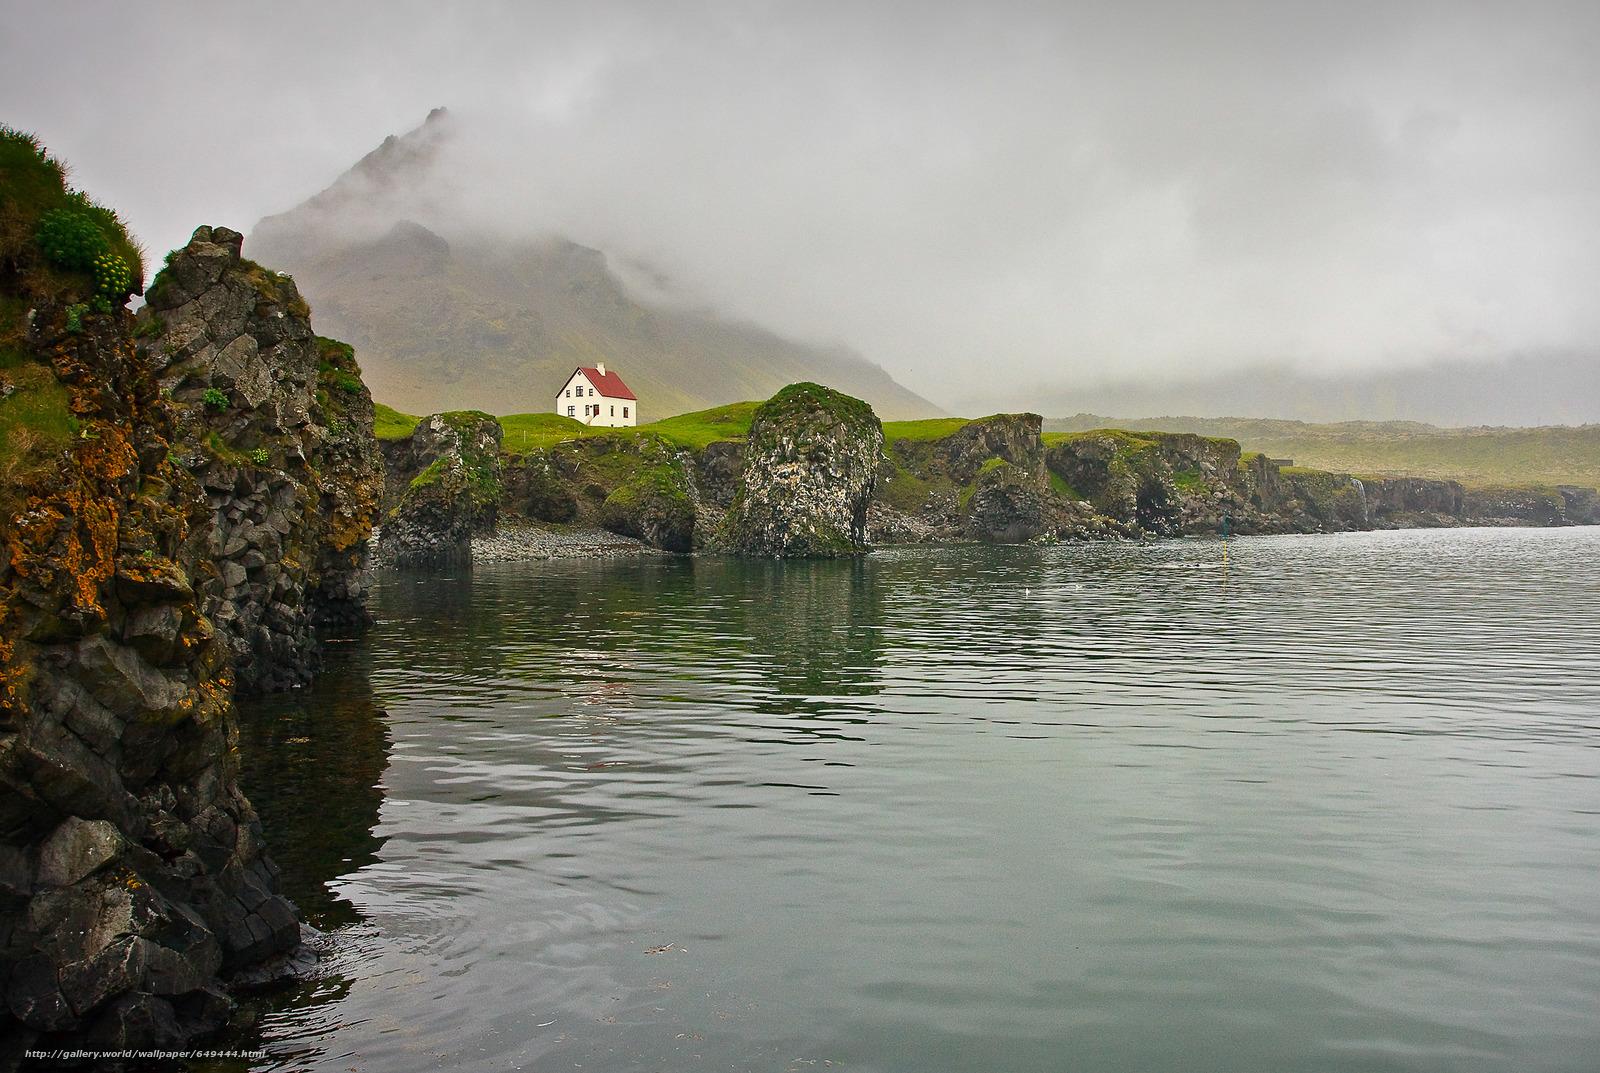 Скачать обои горы,  водоем,  туман,  домик бесплатно для рабочего стола в разрешении 3000x2011 — картинка №649444